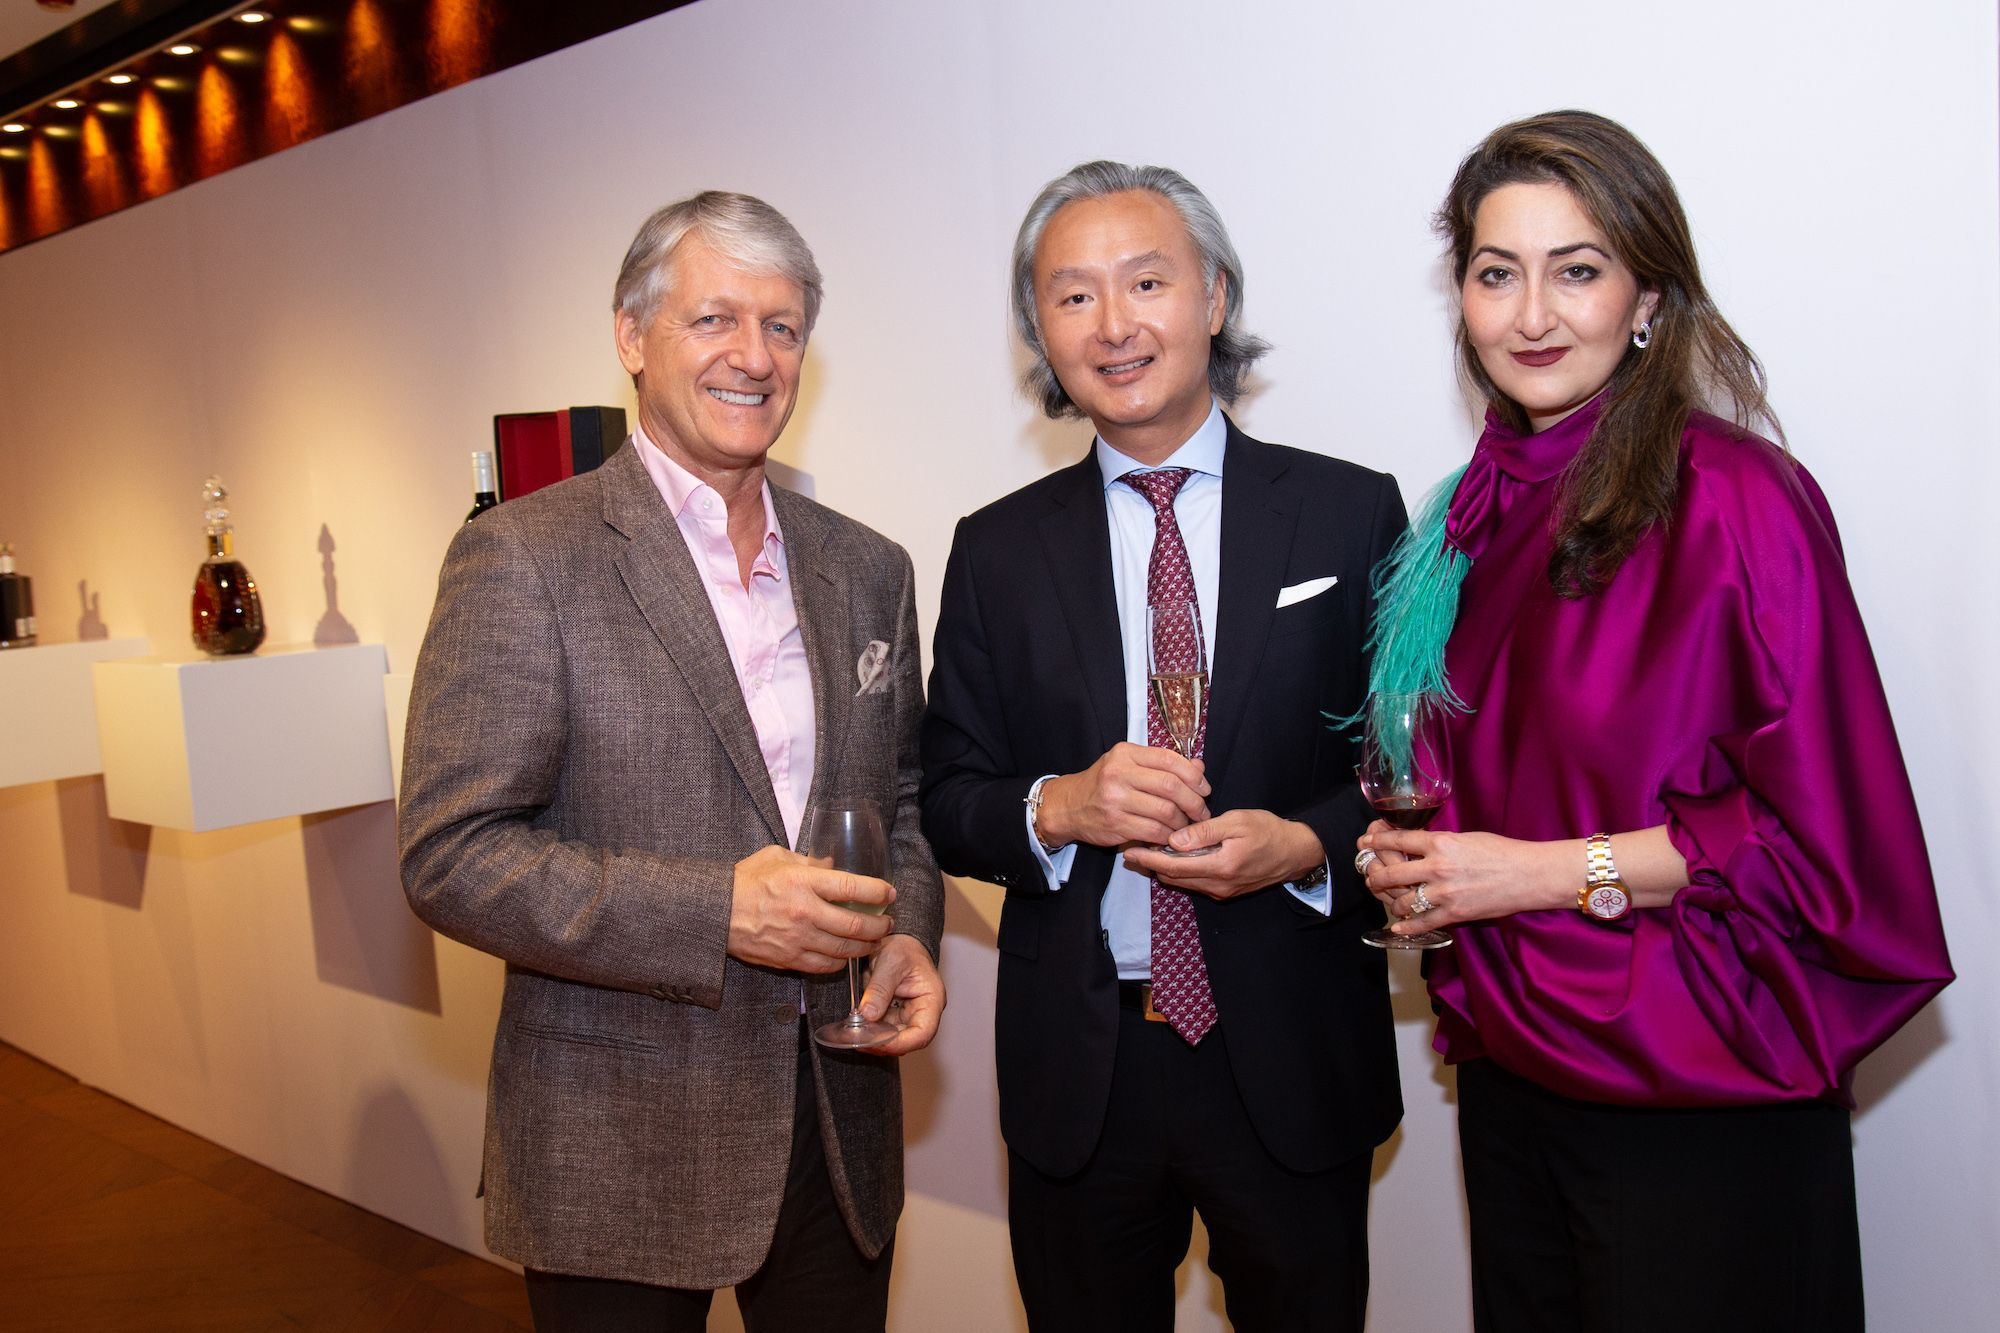 John Williamson, Chechung Chang, Yas Montashari-Chang